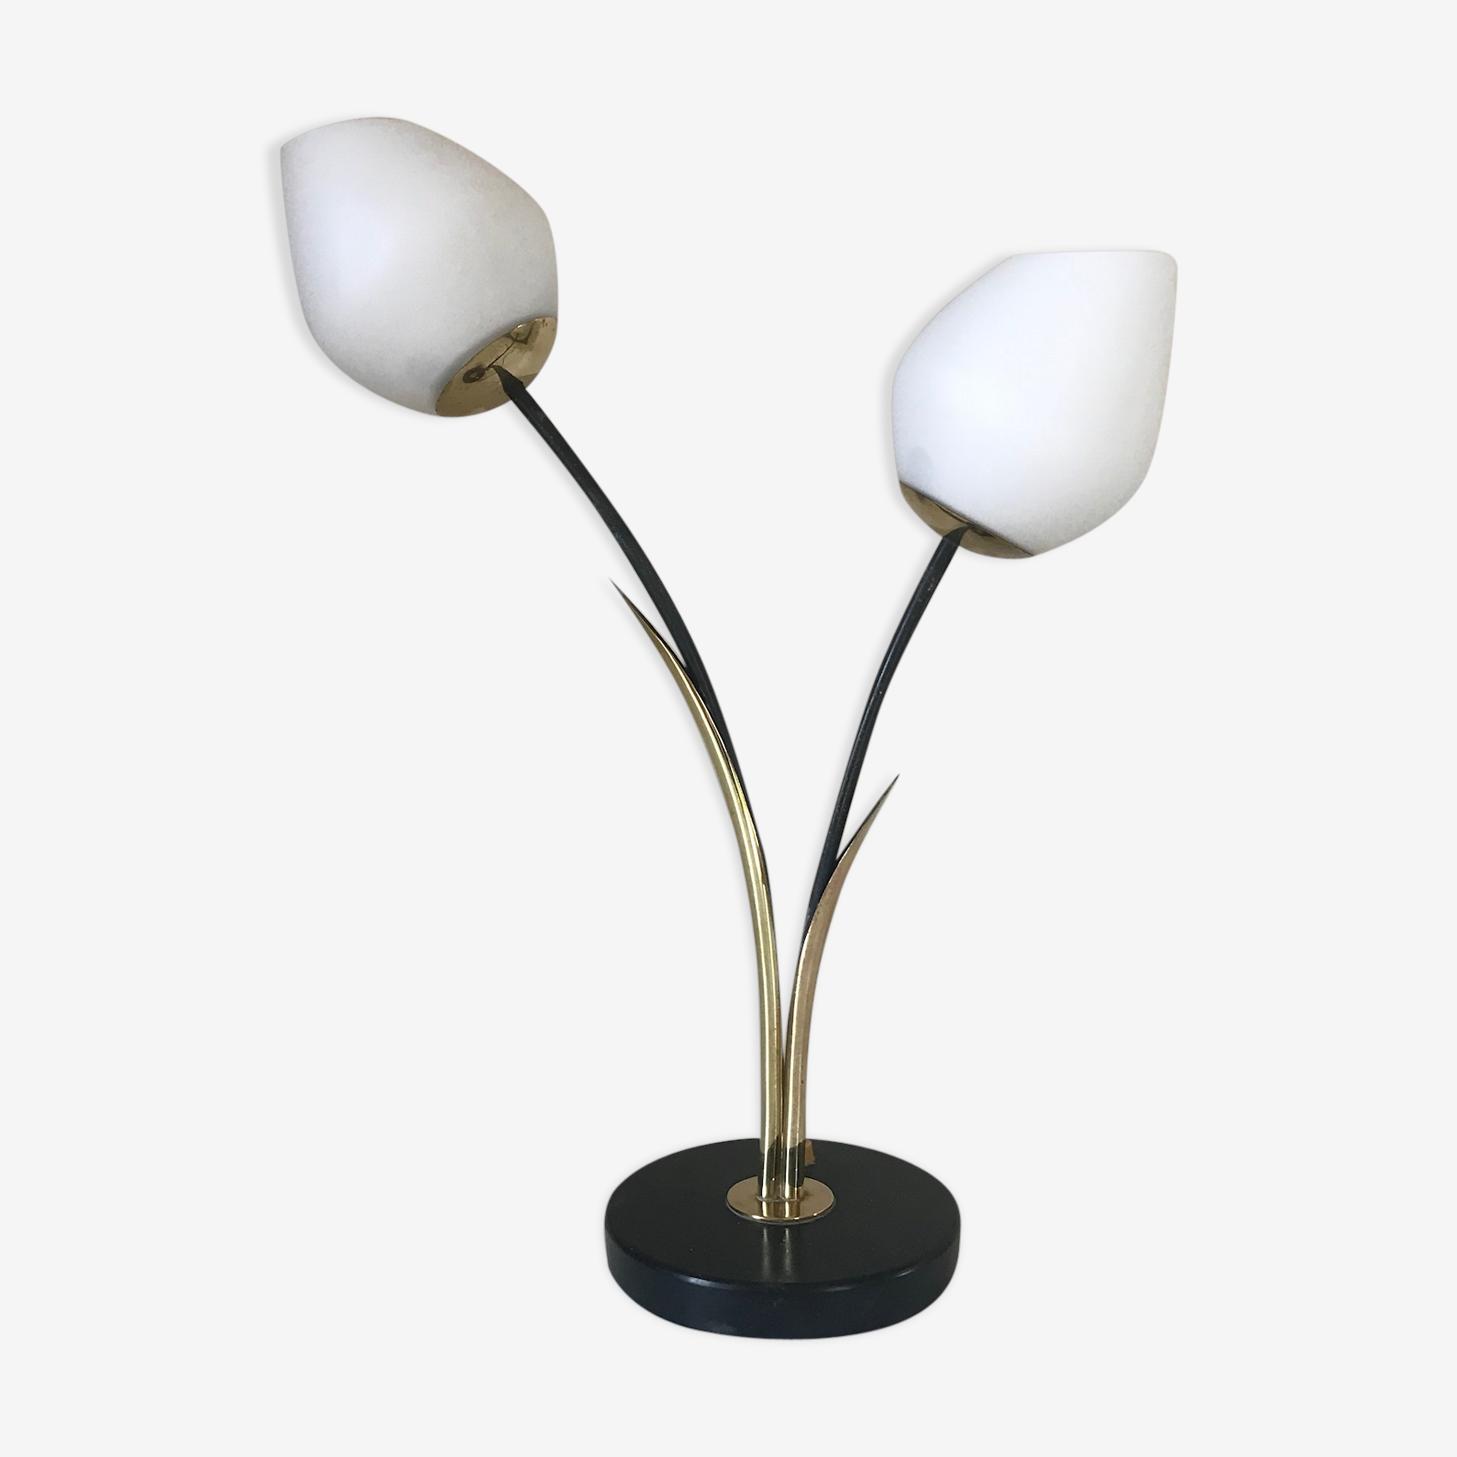 Lampe Roseaux Design Lunel 1960 Laiton Noir Vintage Wzlokaq